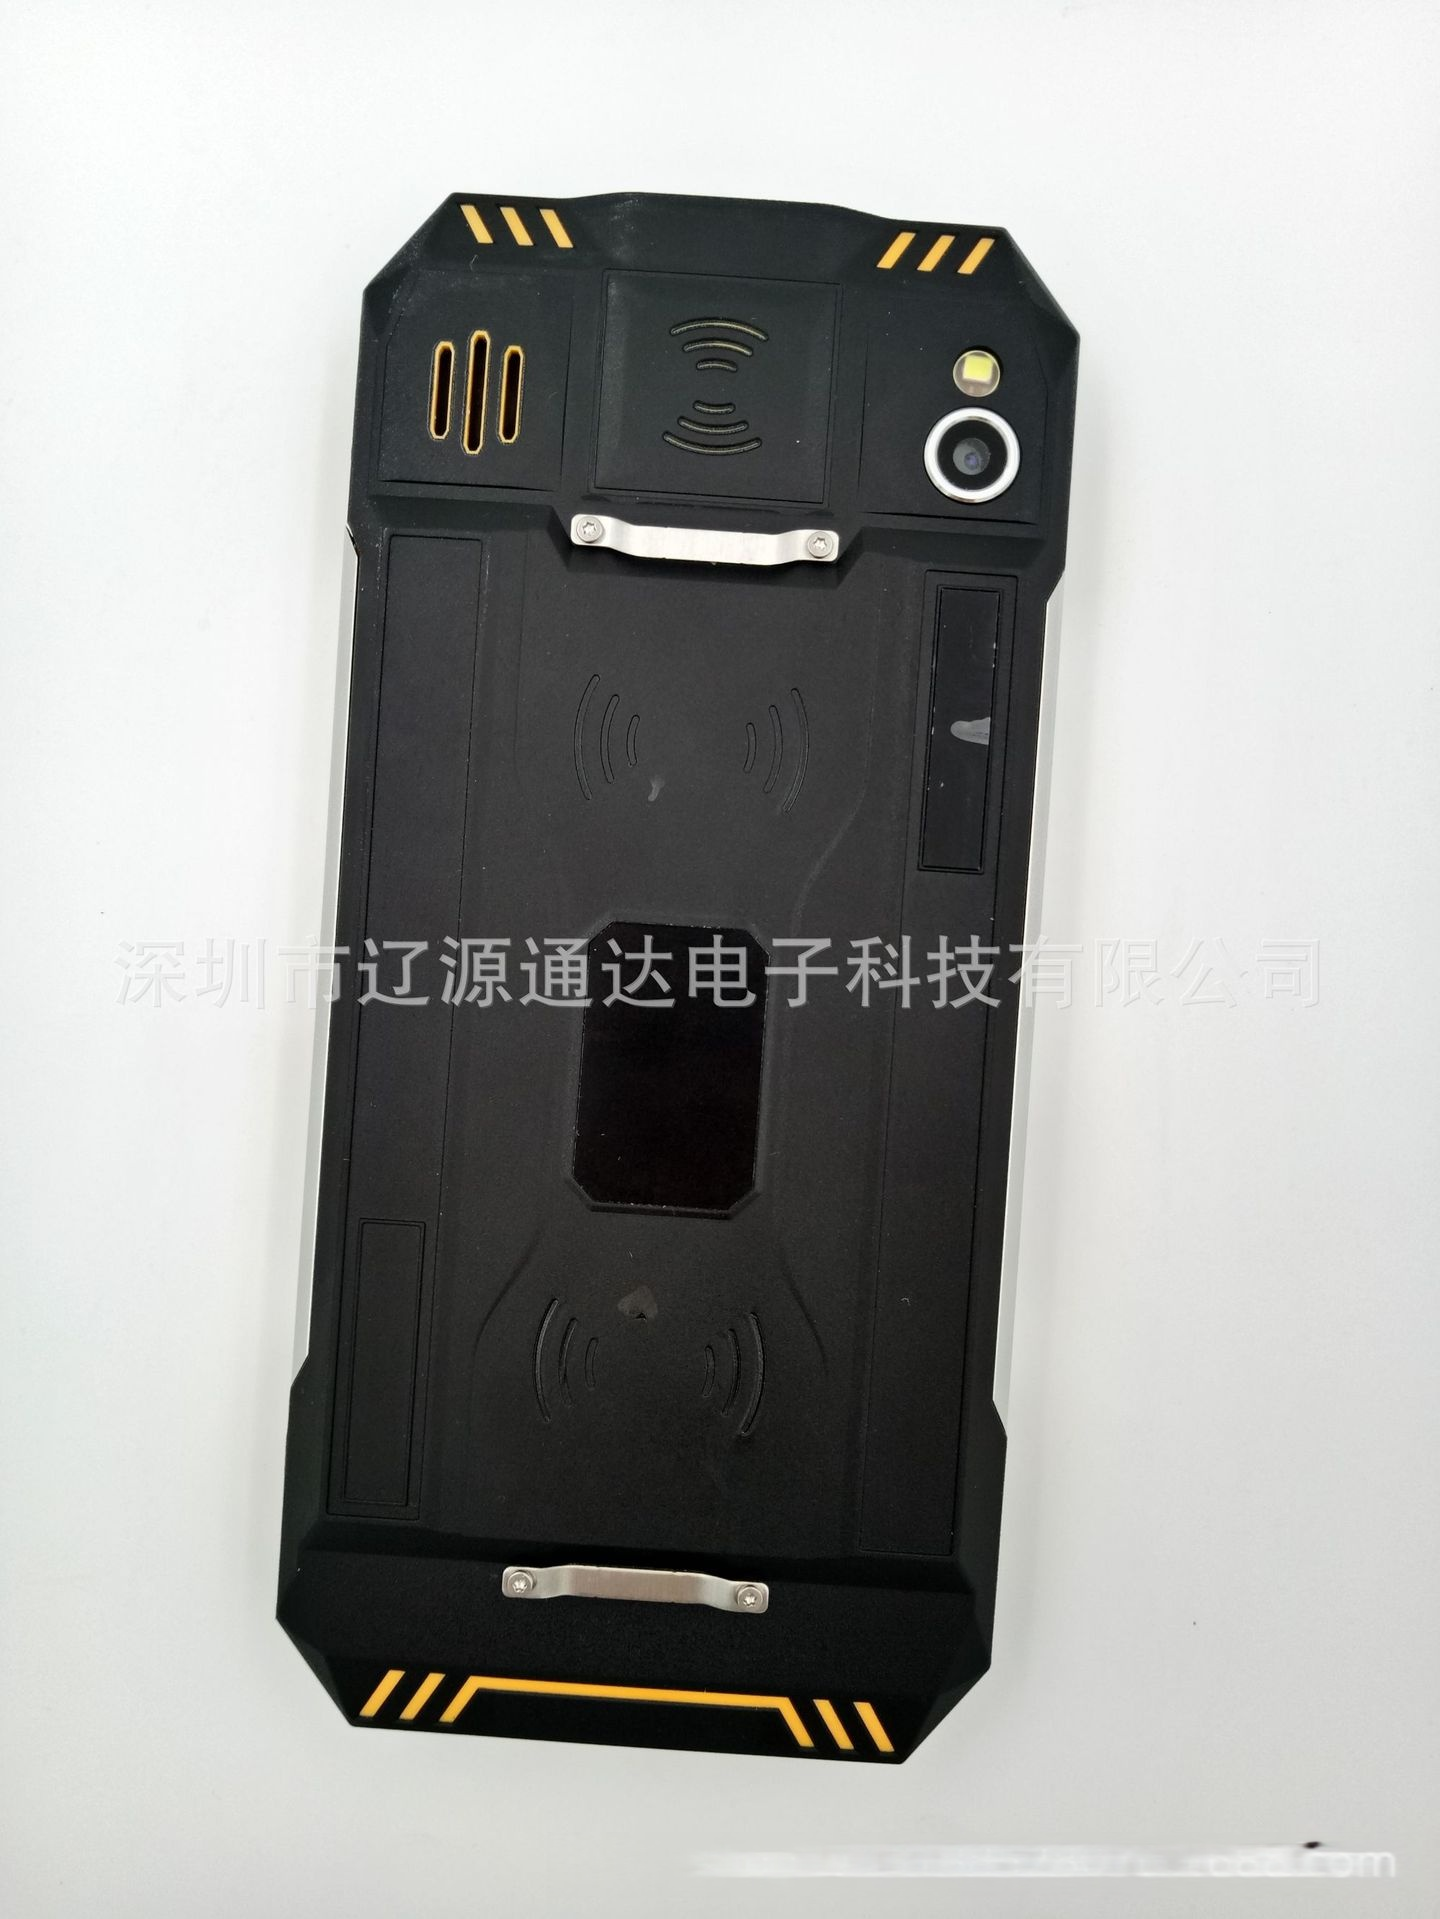 高通8953 IP68三防行业手持机LY-X41803720885